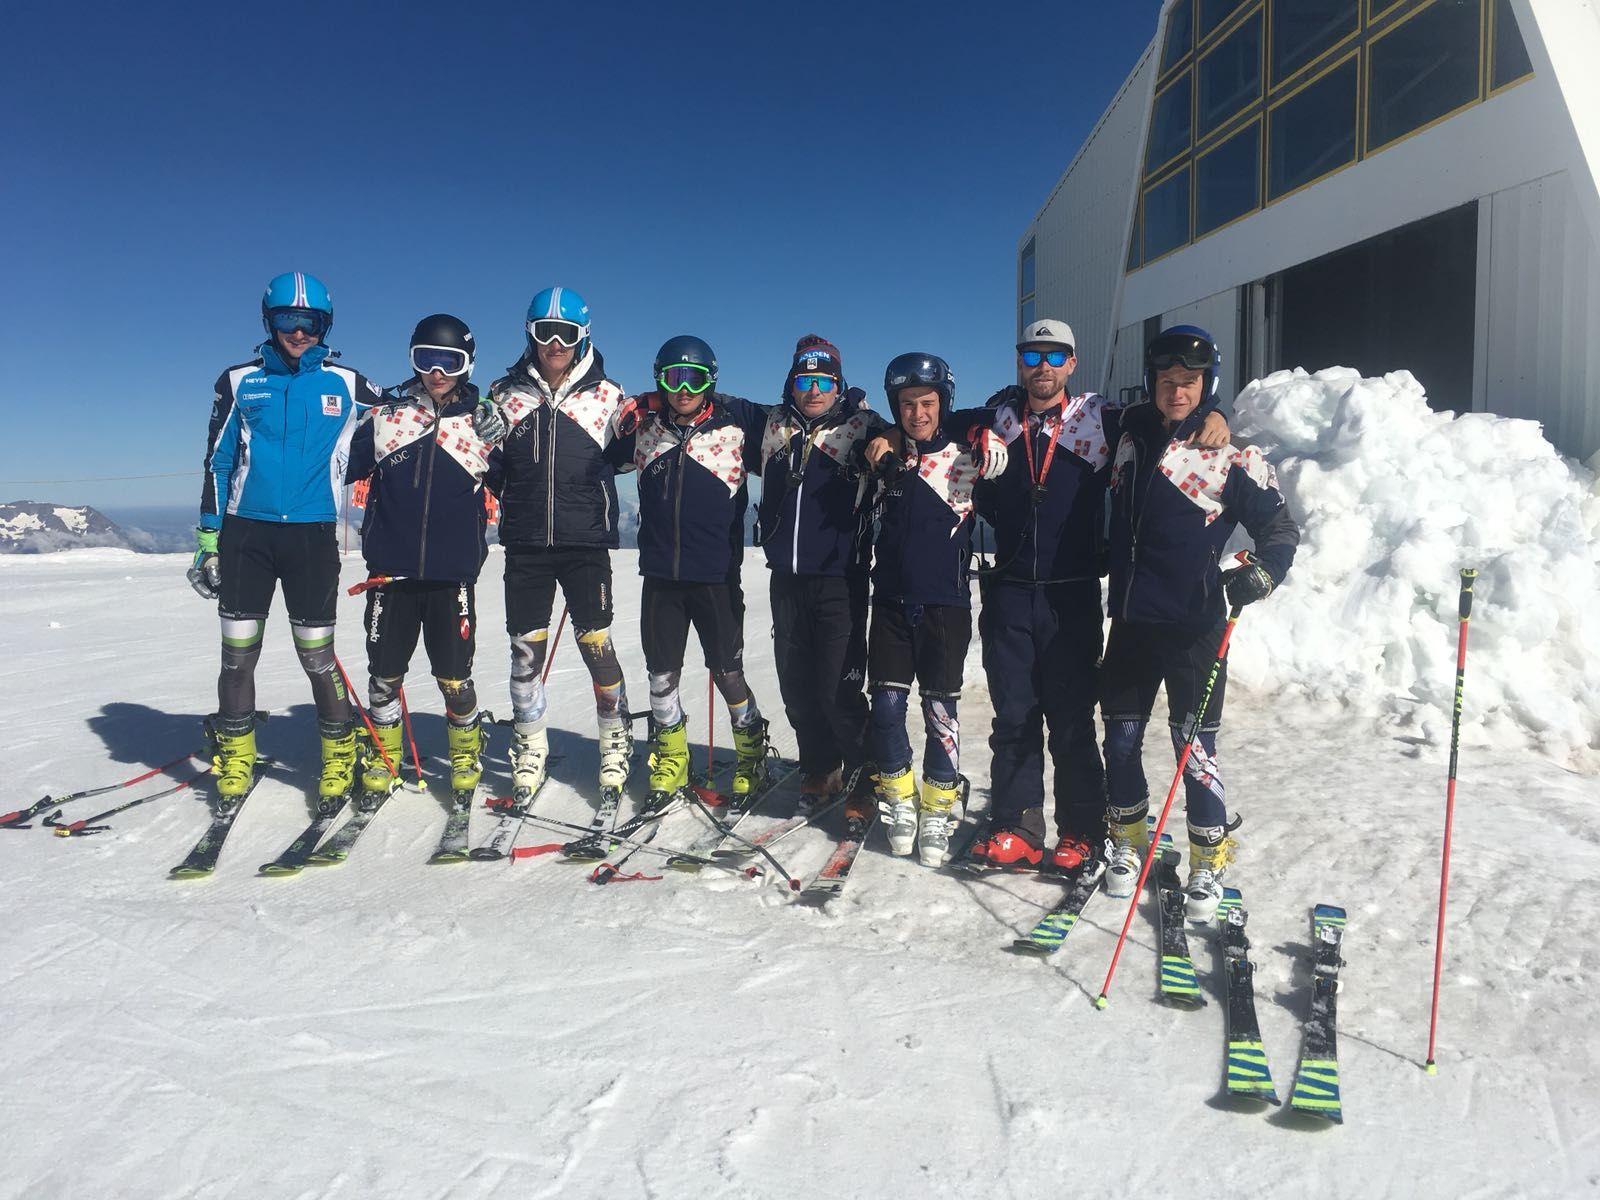 Fisi Aoc Calendario Gare.Fisi Aoc Sci Alpino Iniziata La Preparazione Estiva Sul